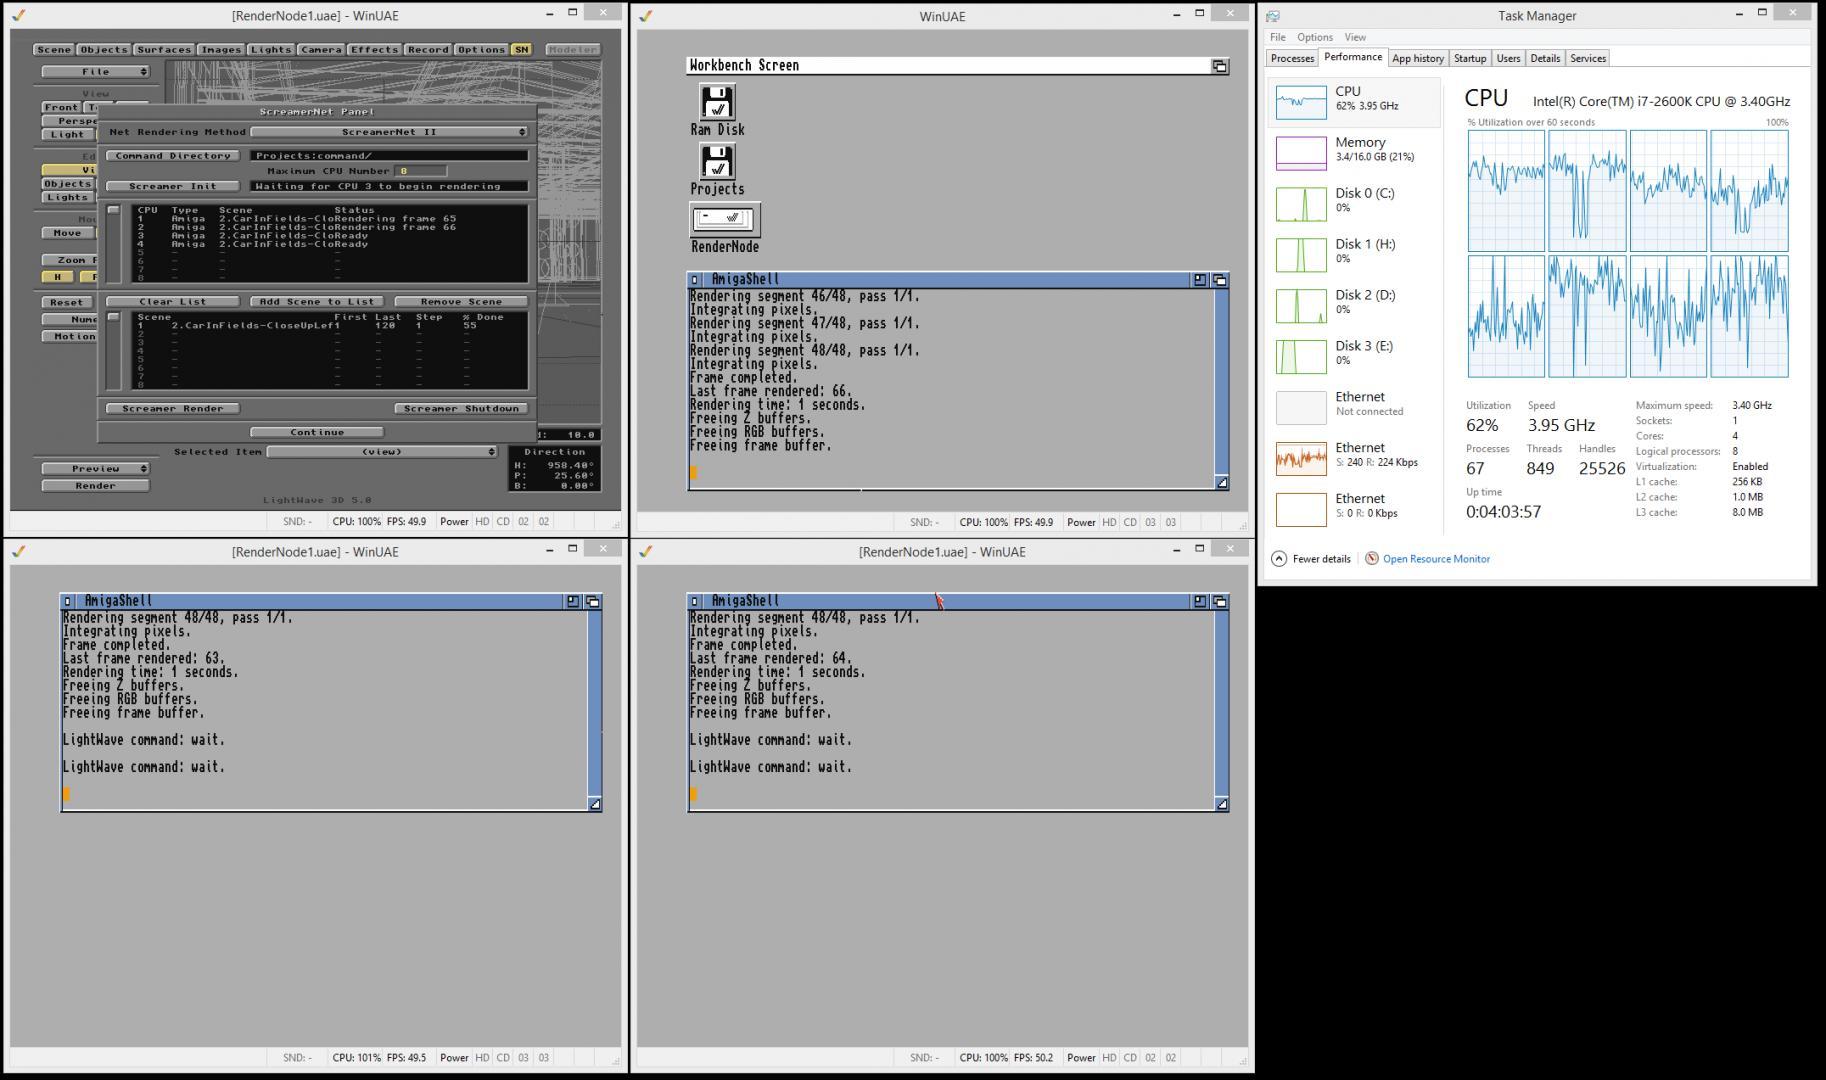 Klikněte na obrázek pro zobrazení větší verze  Název: 2014-12-15 01_22_11-Program Manager.jpg Zobrazeno: 44 Velikost: 205,5 KB ID: 10060